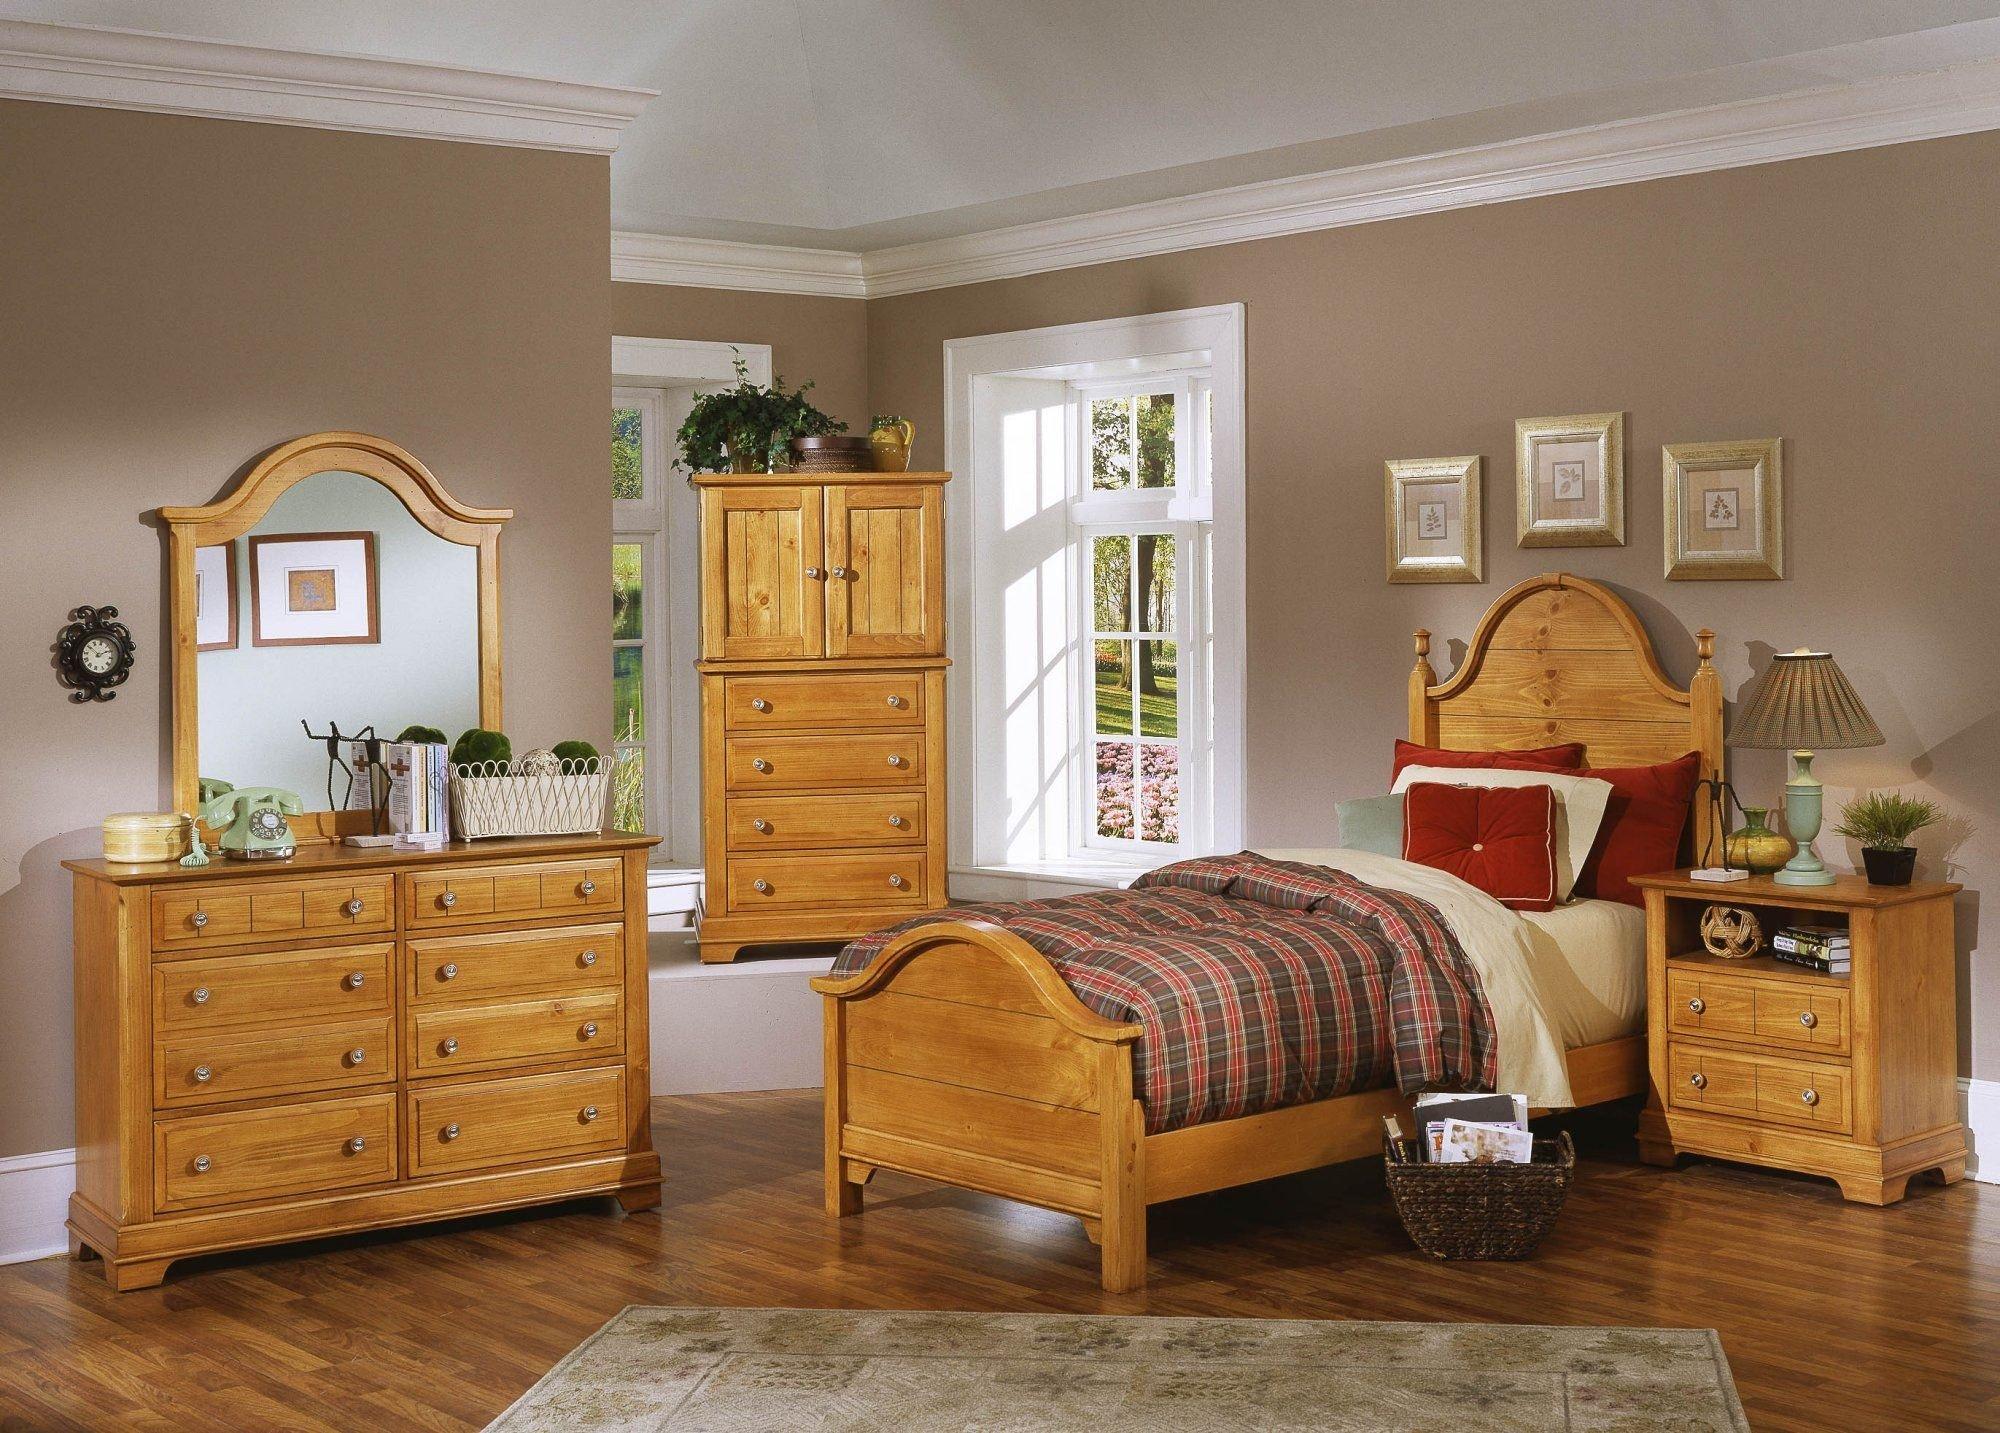 Wooden Bedroom Furniture Set Beautiful 30 Inspired Picture Of Wooden Bedroom Furniture Wooden